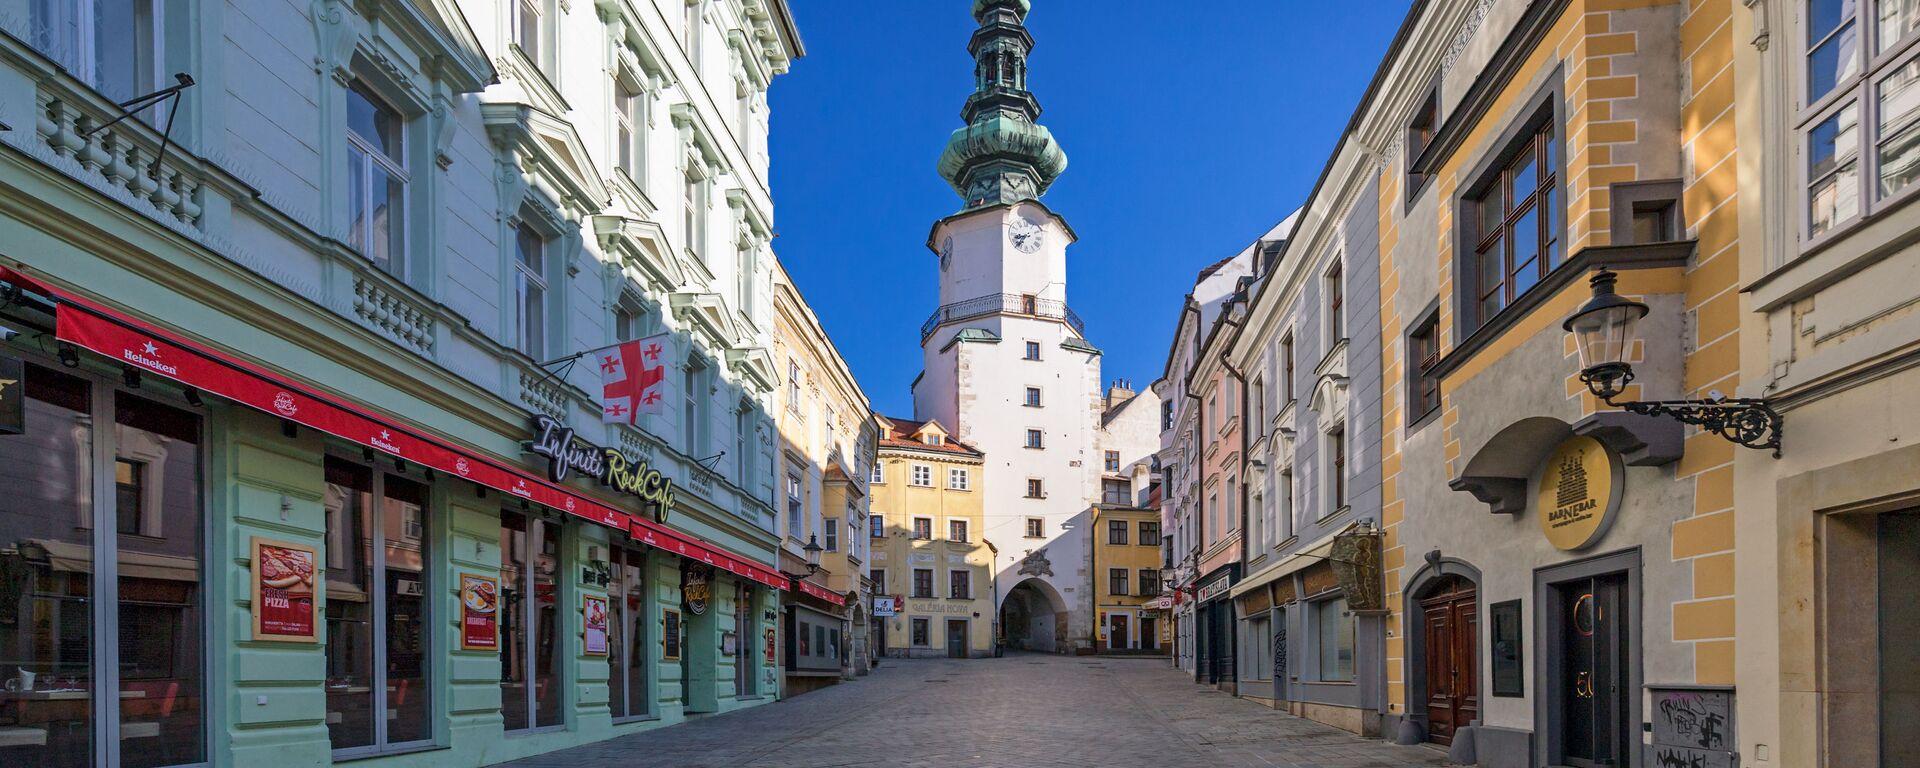 Prázdná Bratislava - Sputnik Česká republika, 1920, 04.08.2021